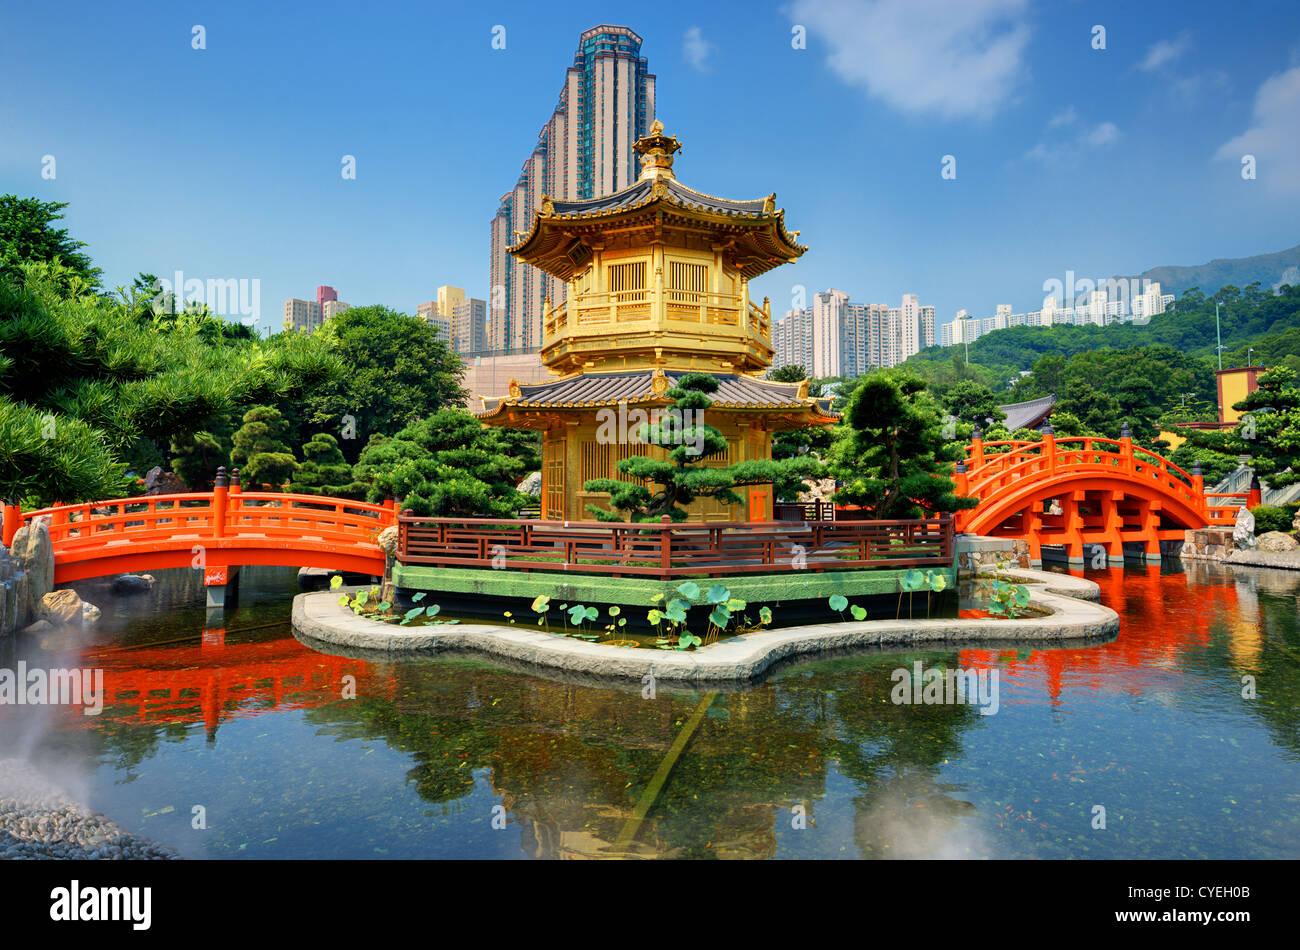 Golden Pavilion of Perfection in Nan Lian Garden, Hong Kong, China. Stock Photo